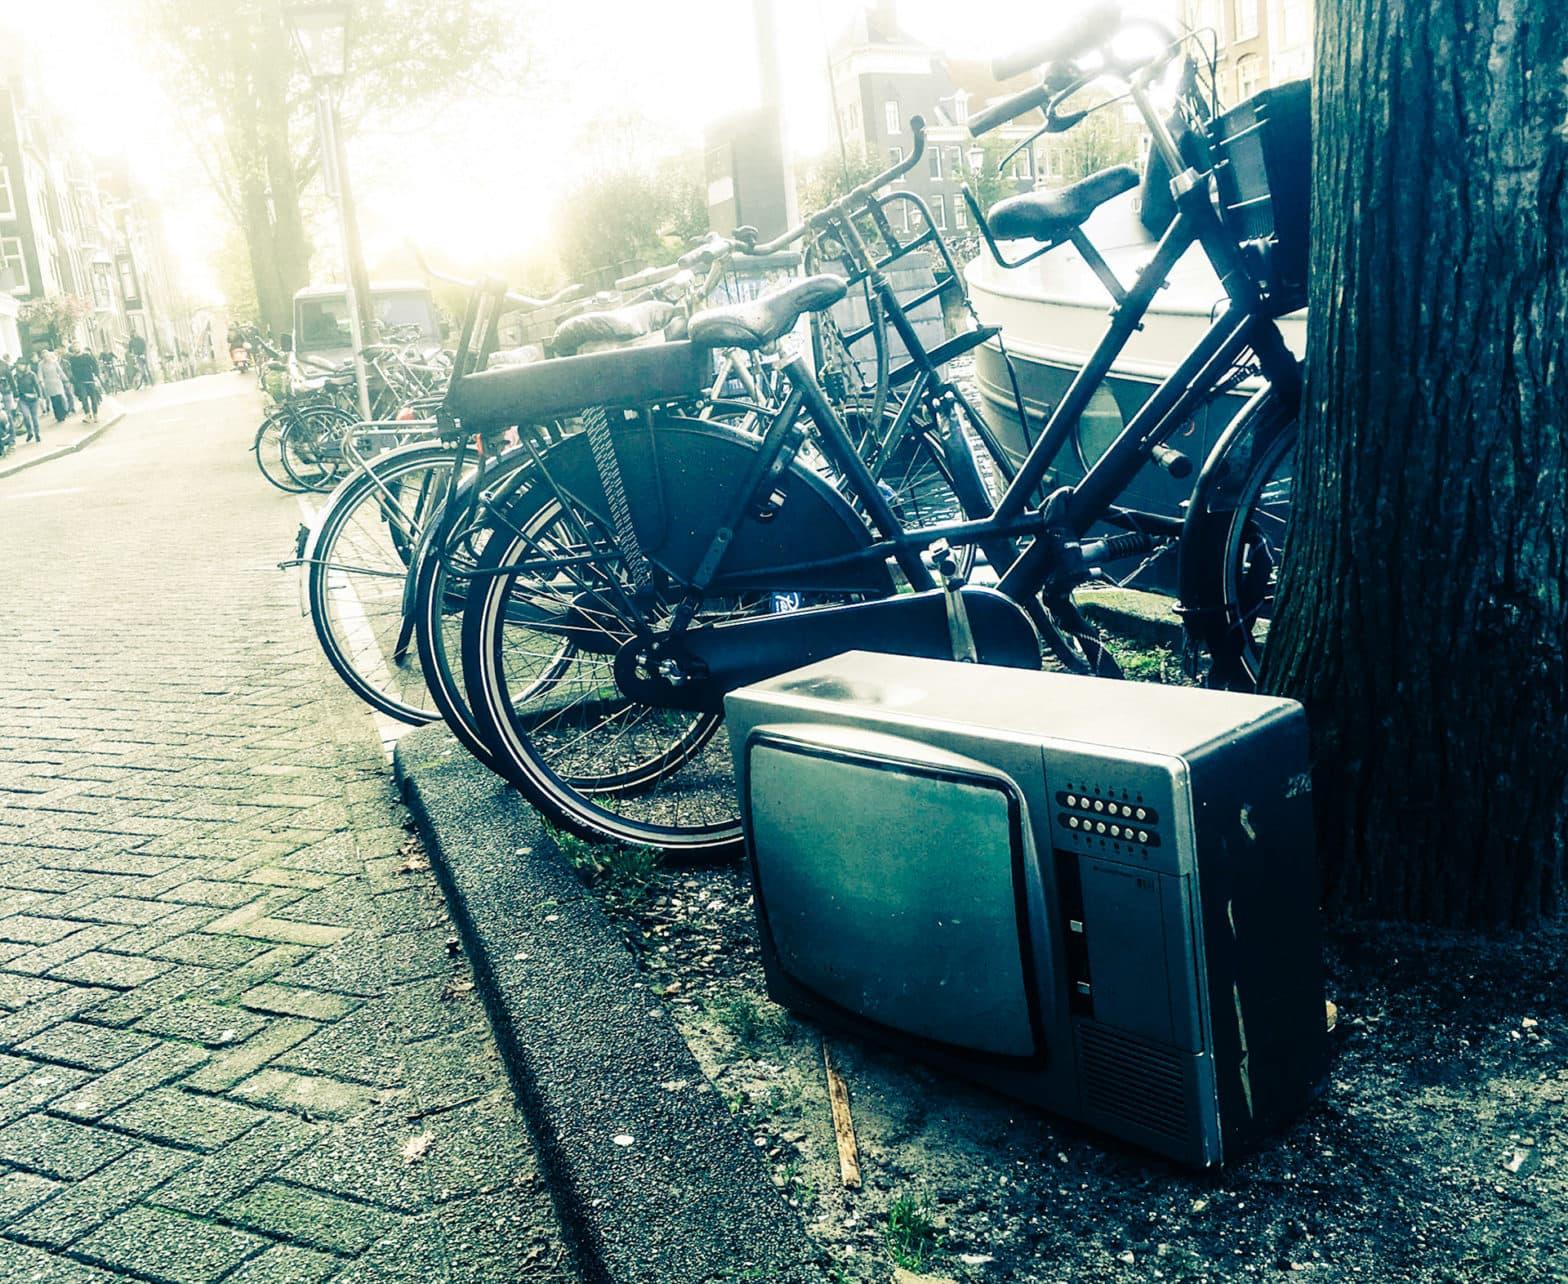 alter Fernseher am Straßenrand